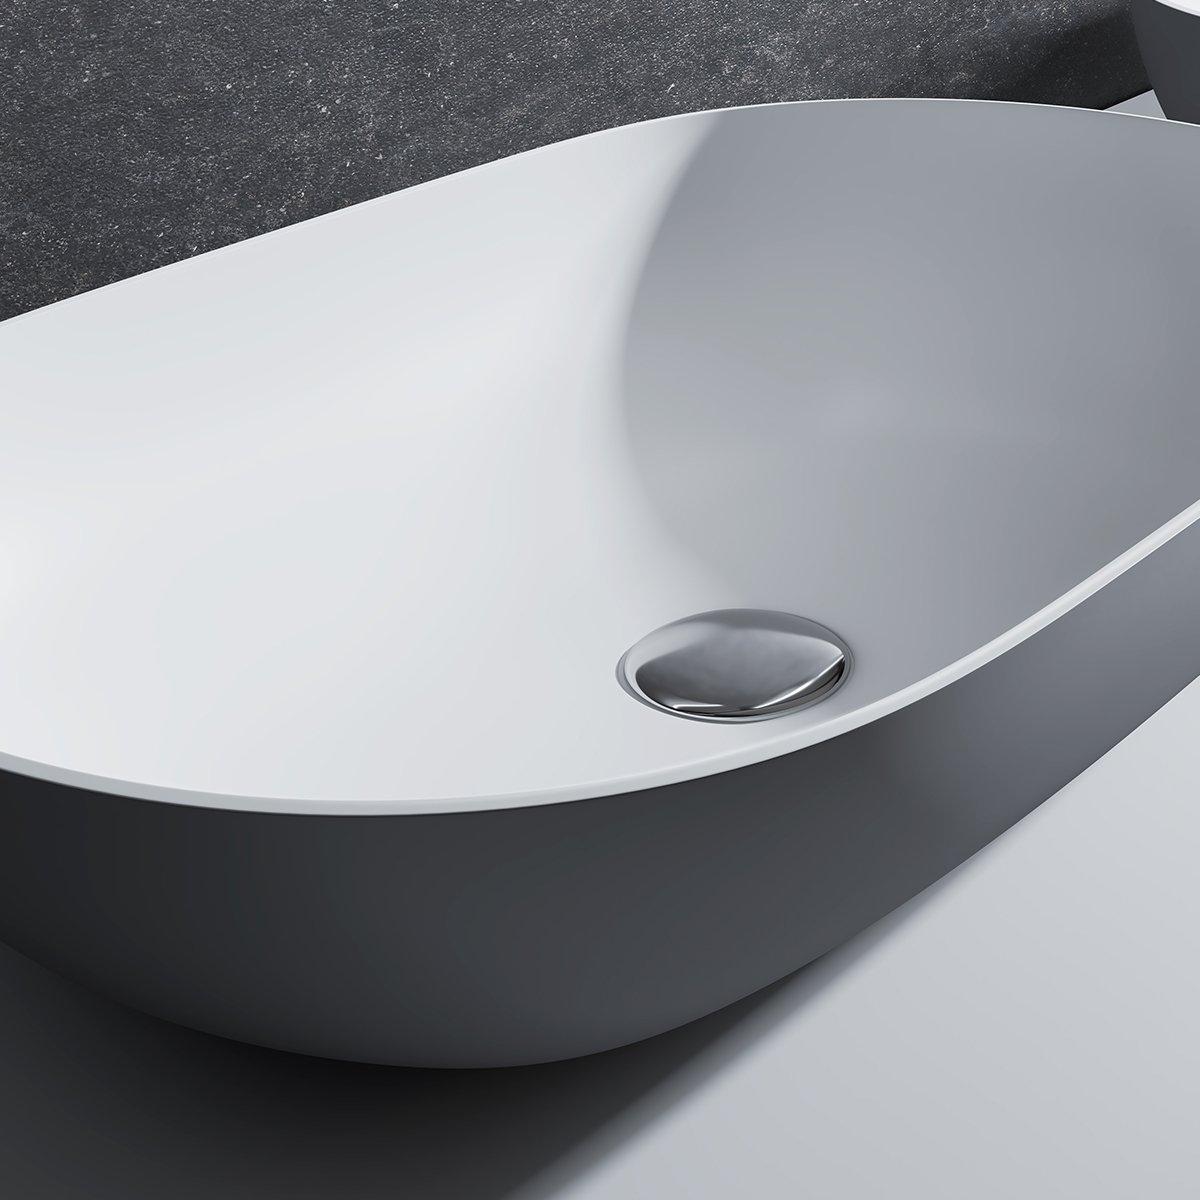 Aufsatzwaschbecken O-540 aus Mineralguss - Grau/Weiß - 54 x 34 x 12 cm zoom thumbnail 3